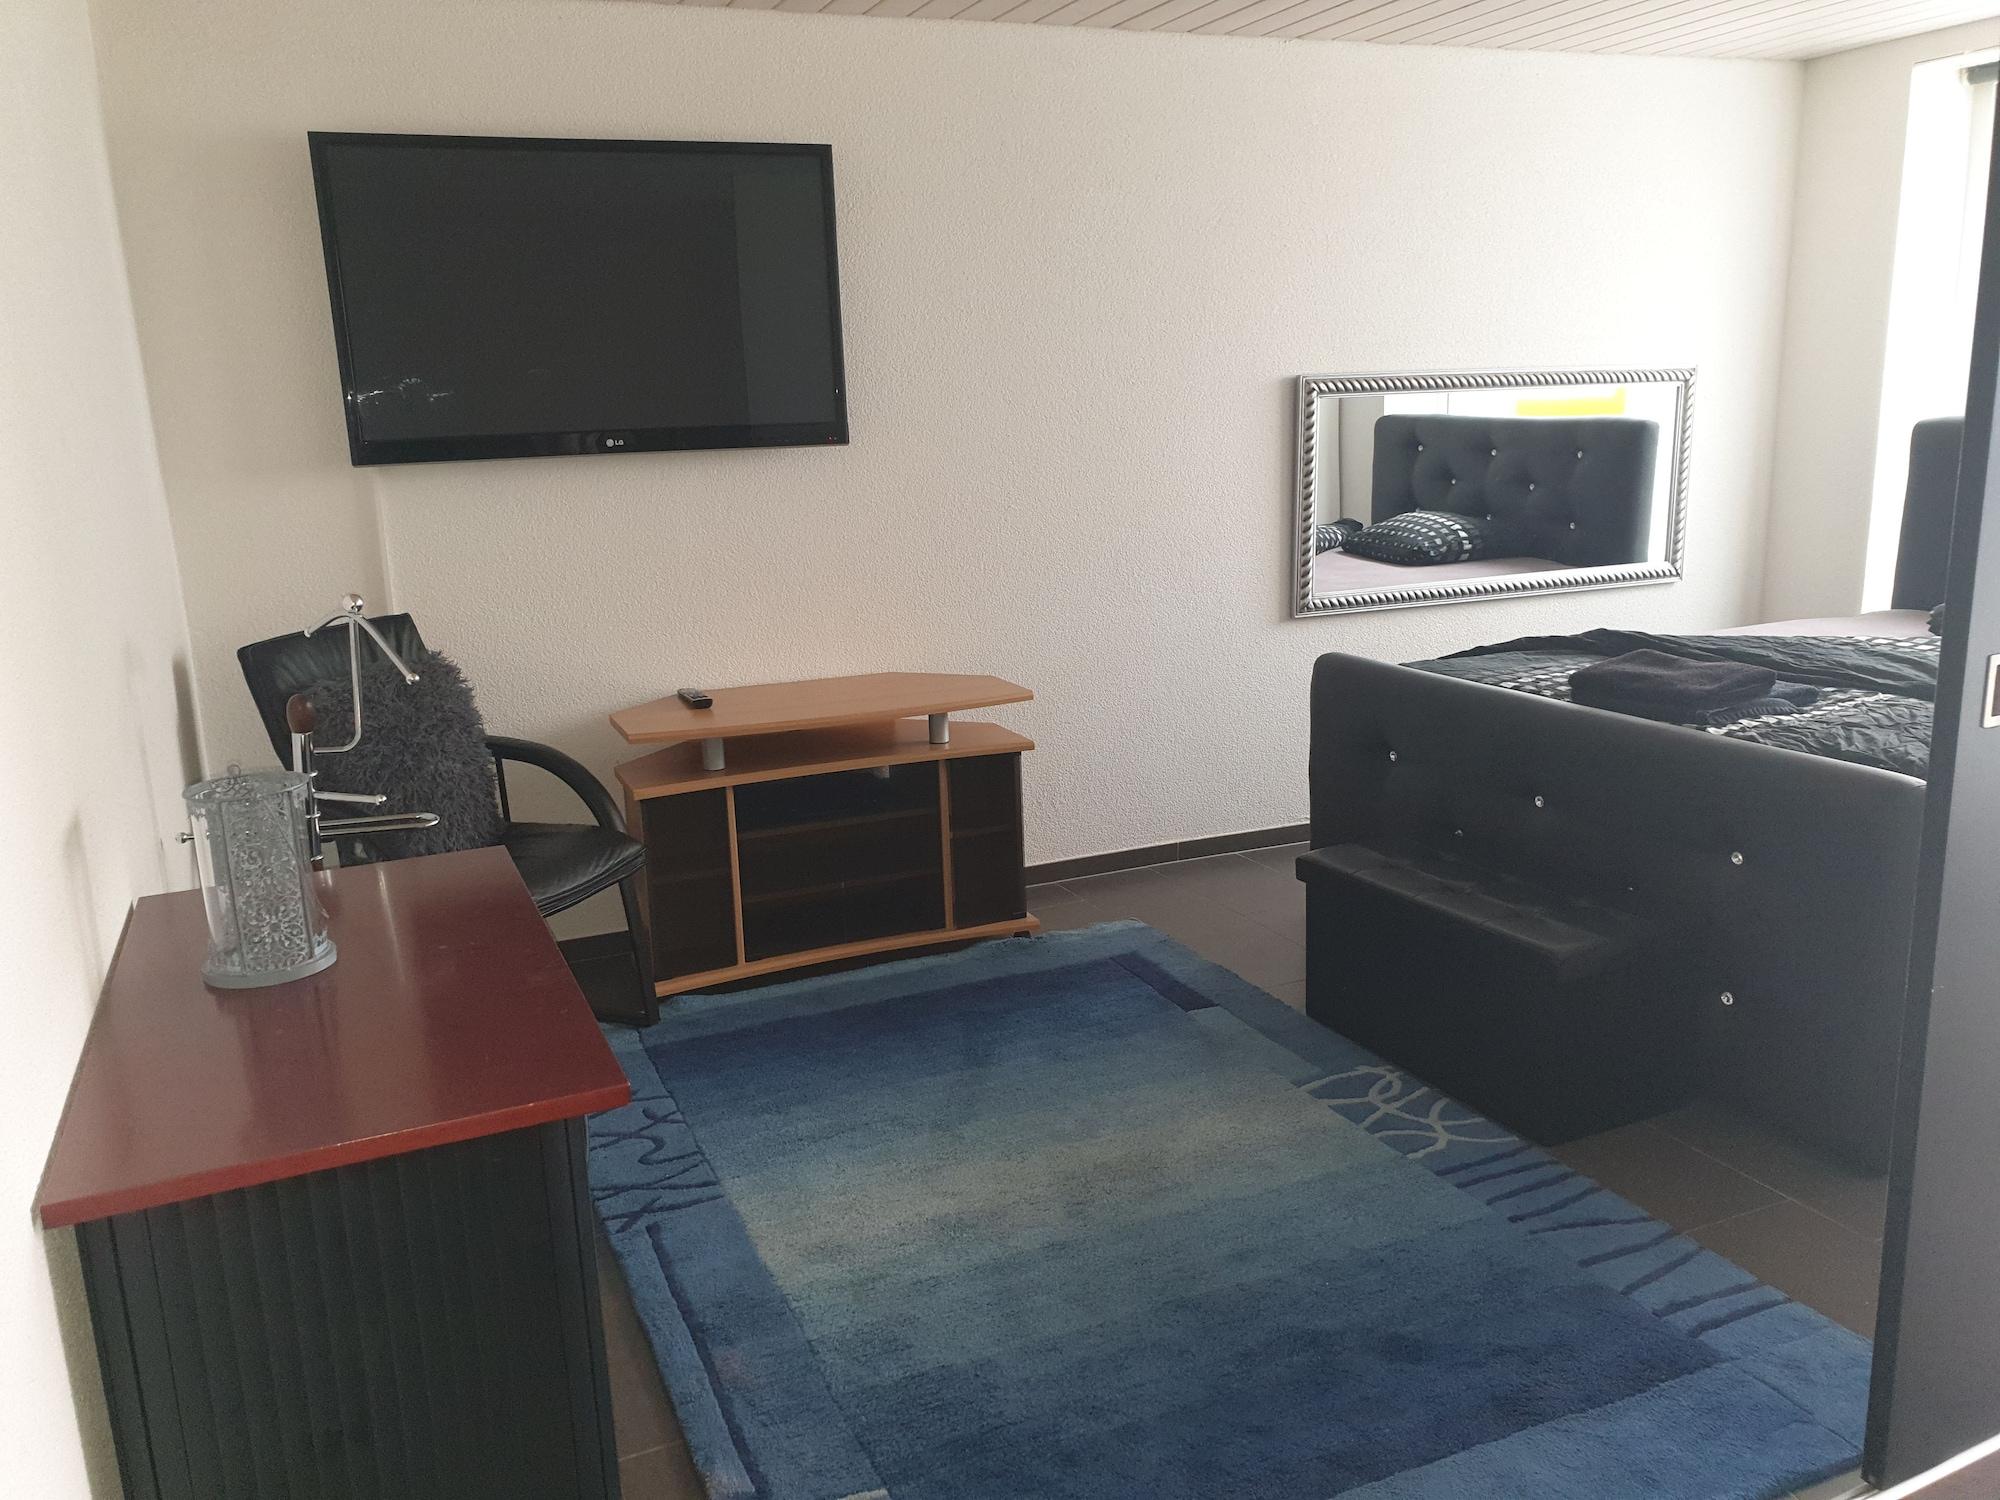 3 Bedroom Apartment in Arbon, Arbon